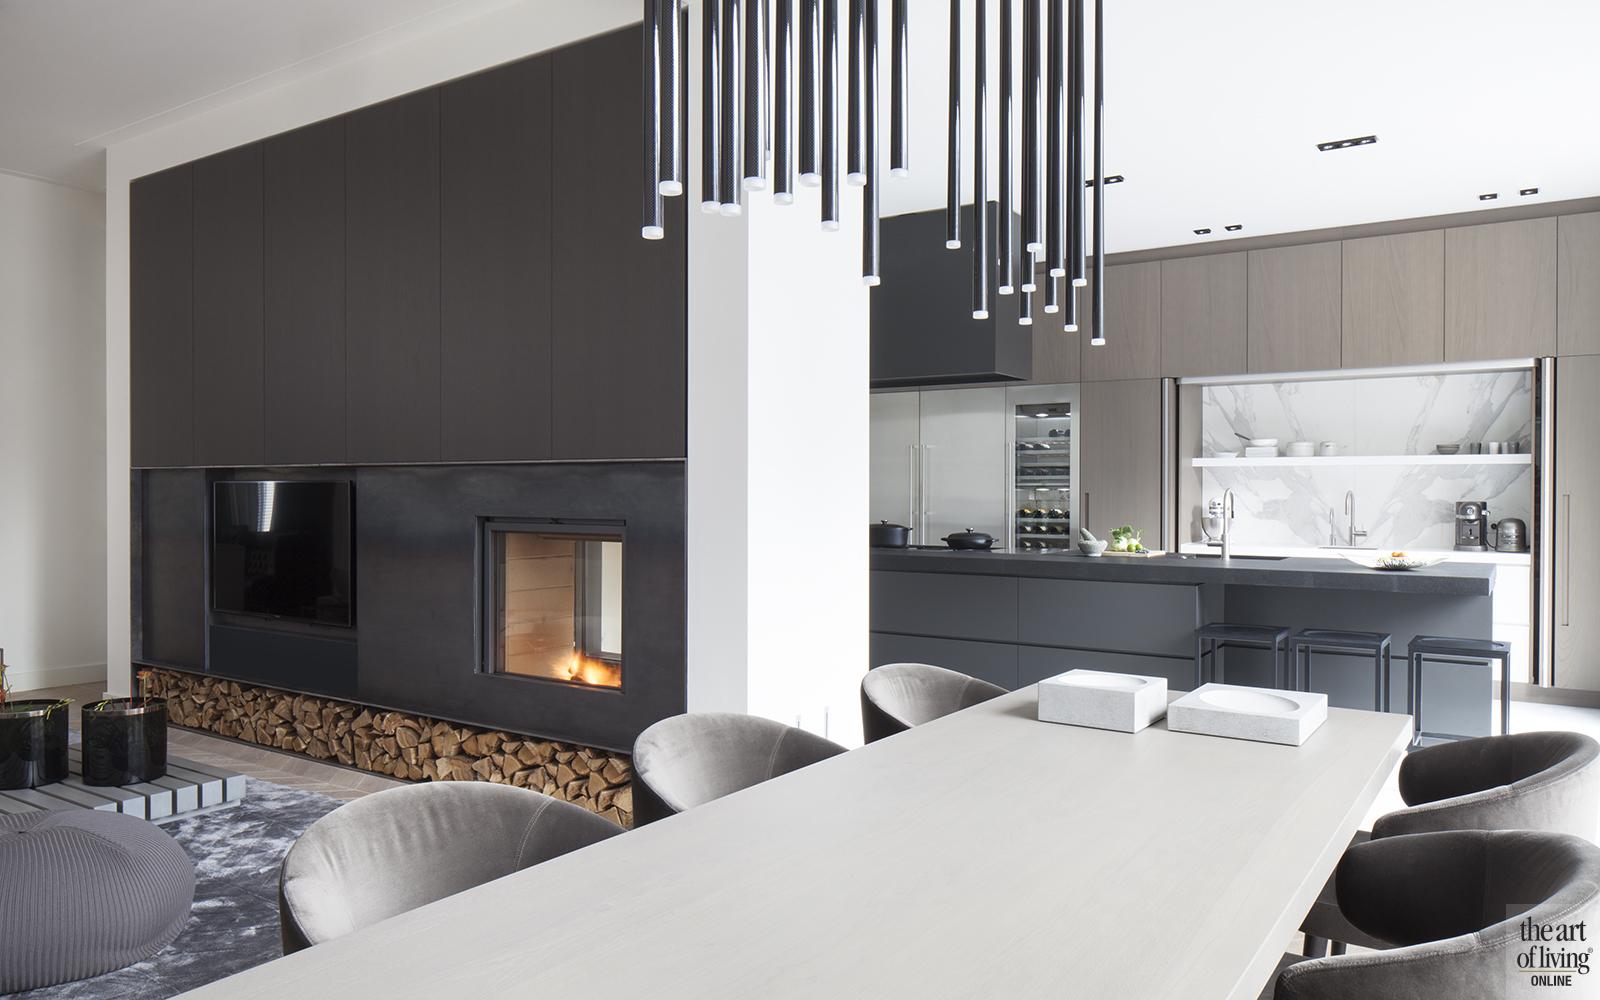 Natuurlijke kleuren, Remy Meijers, Open Haard, Eettafel, Design verlichting, Keuken, Design keuken